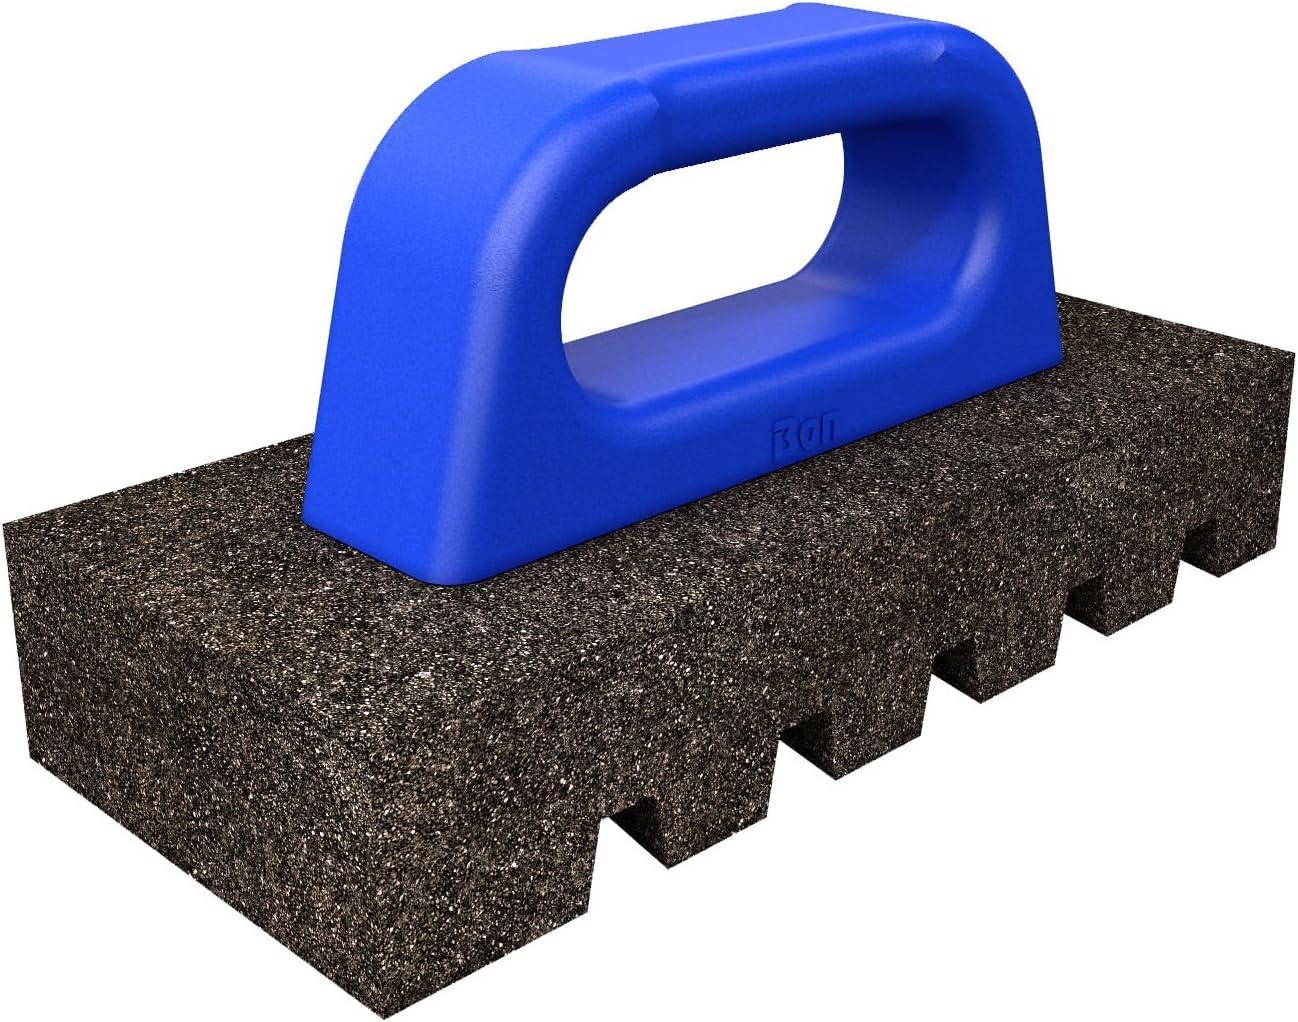 Bon 12-279 8-Inch by 3-1//2-Inch Rub Brick with Handle